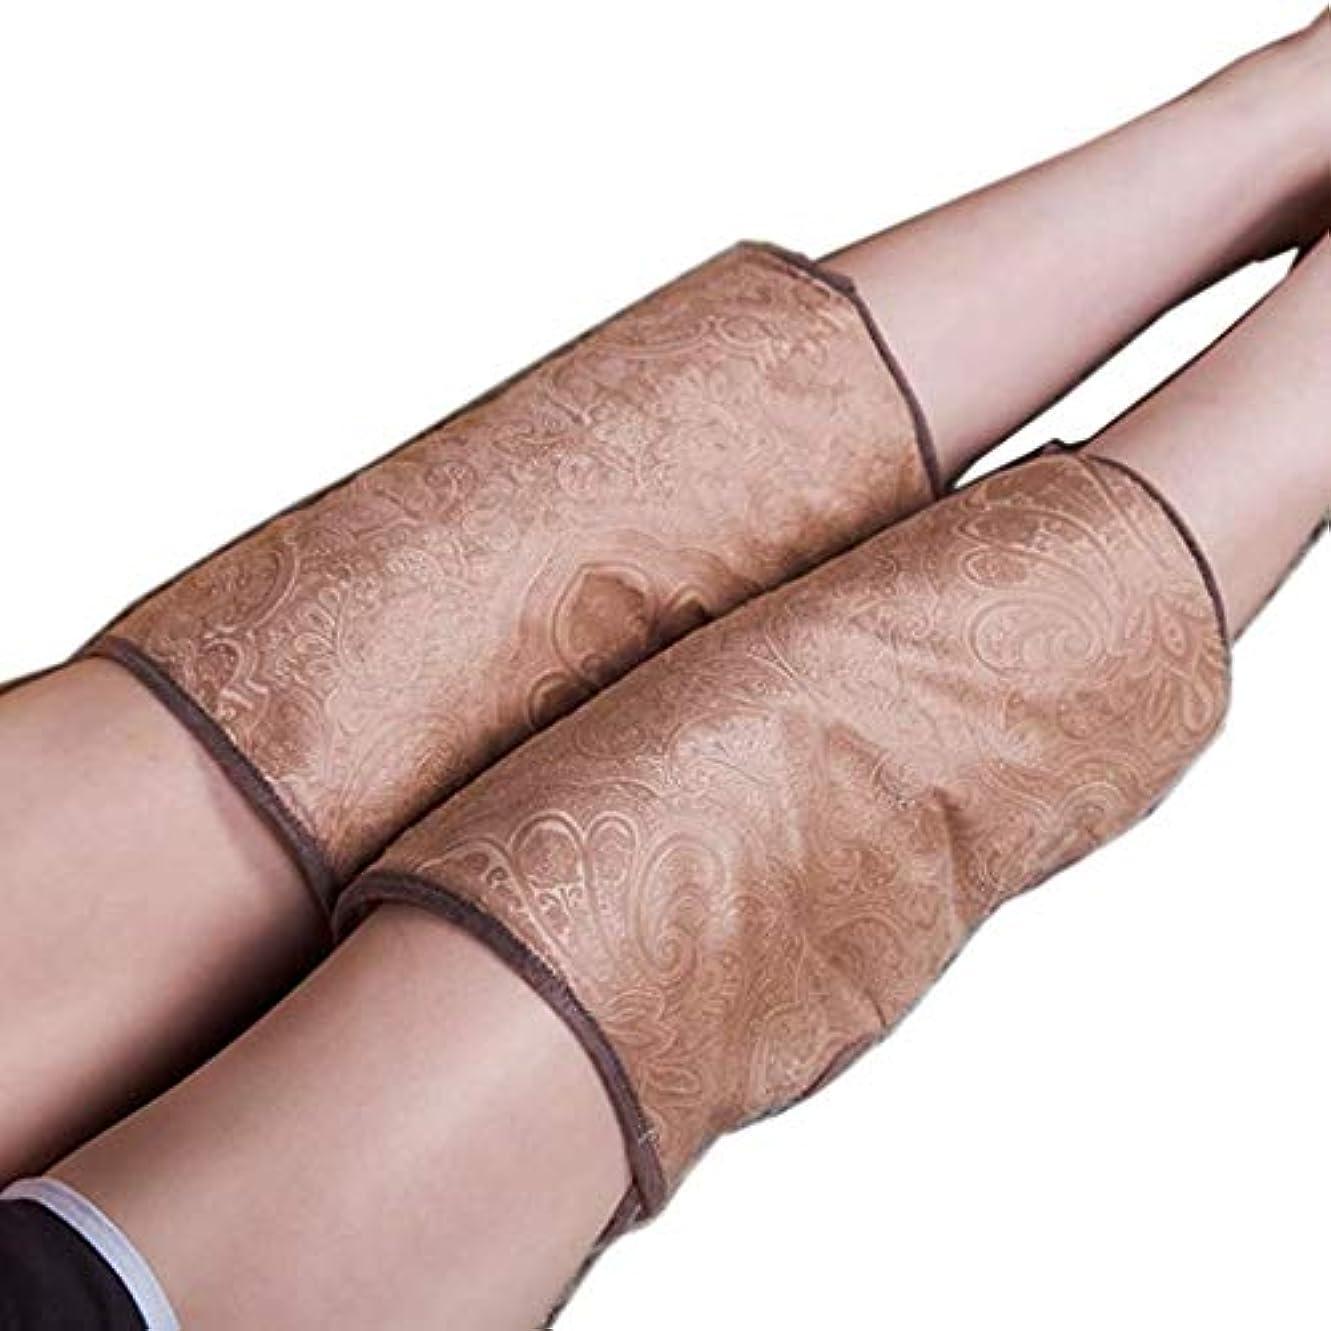 ヘア第三キャンドル電動膝パッド、温かい古い膝、鍼治療のツボ、温湿布、体温調節、痛みの緩和、血液循環の促進